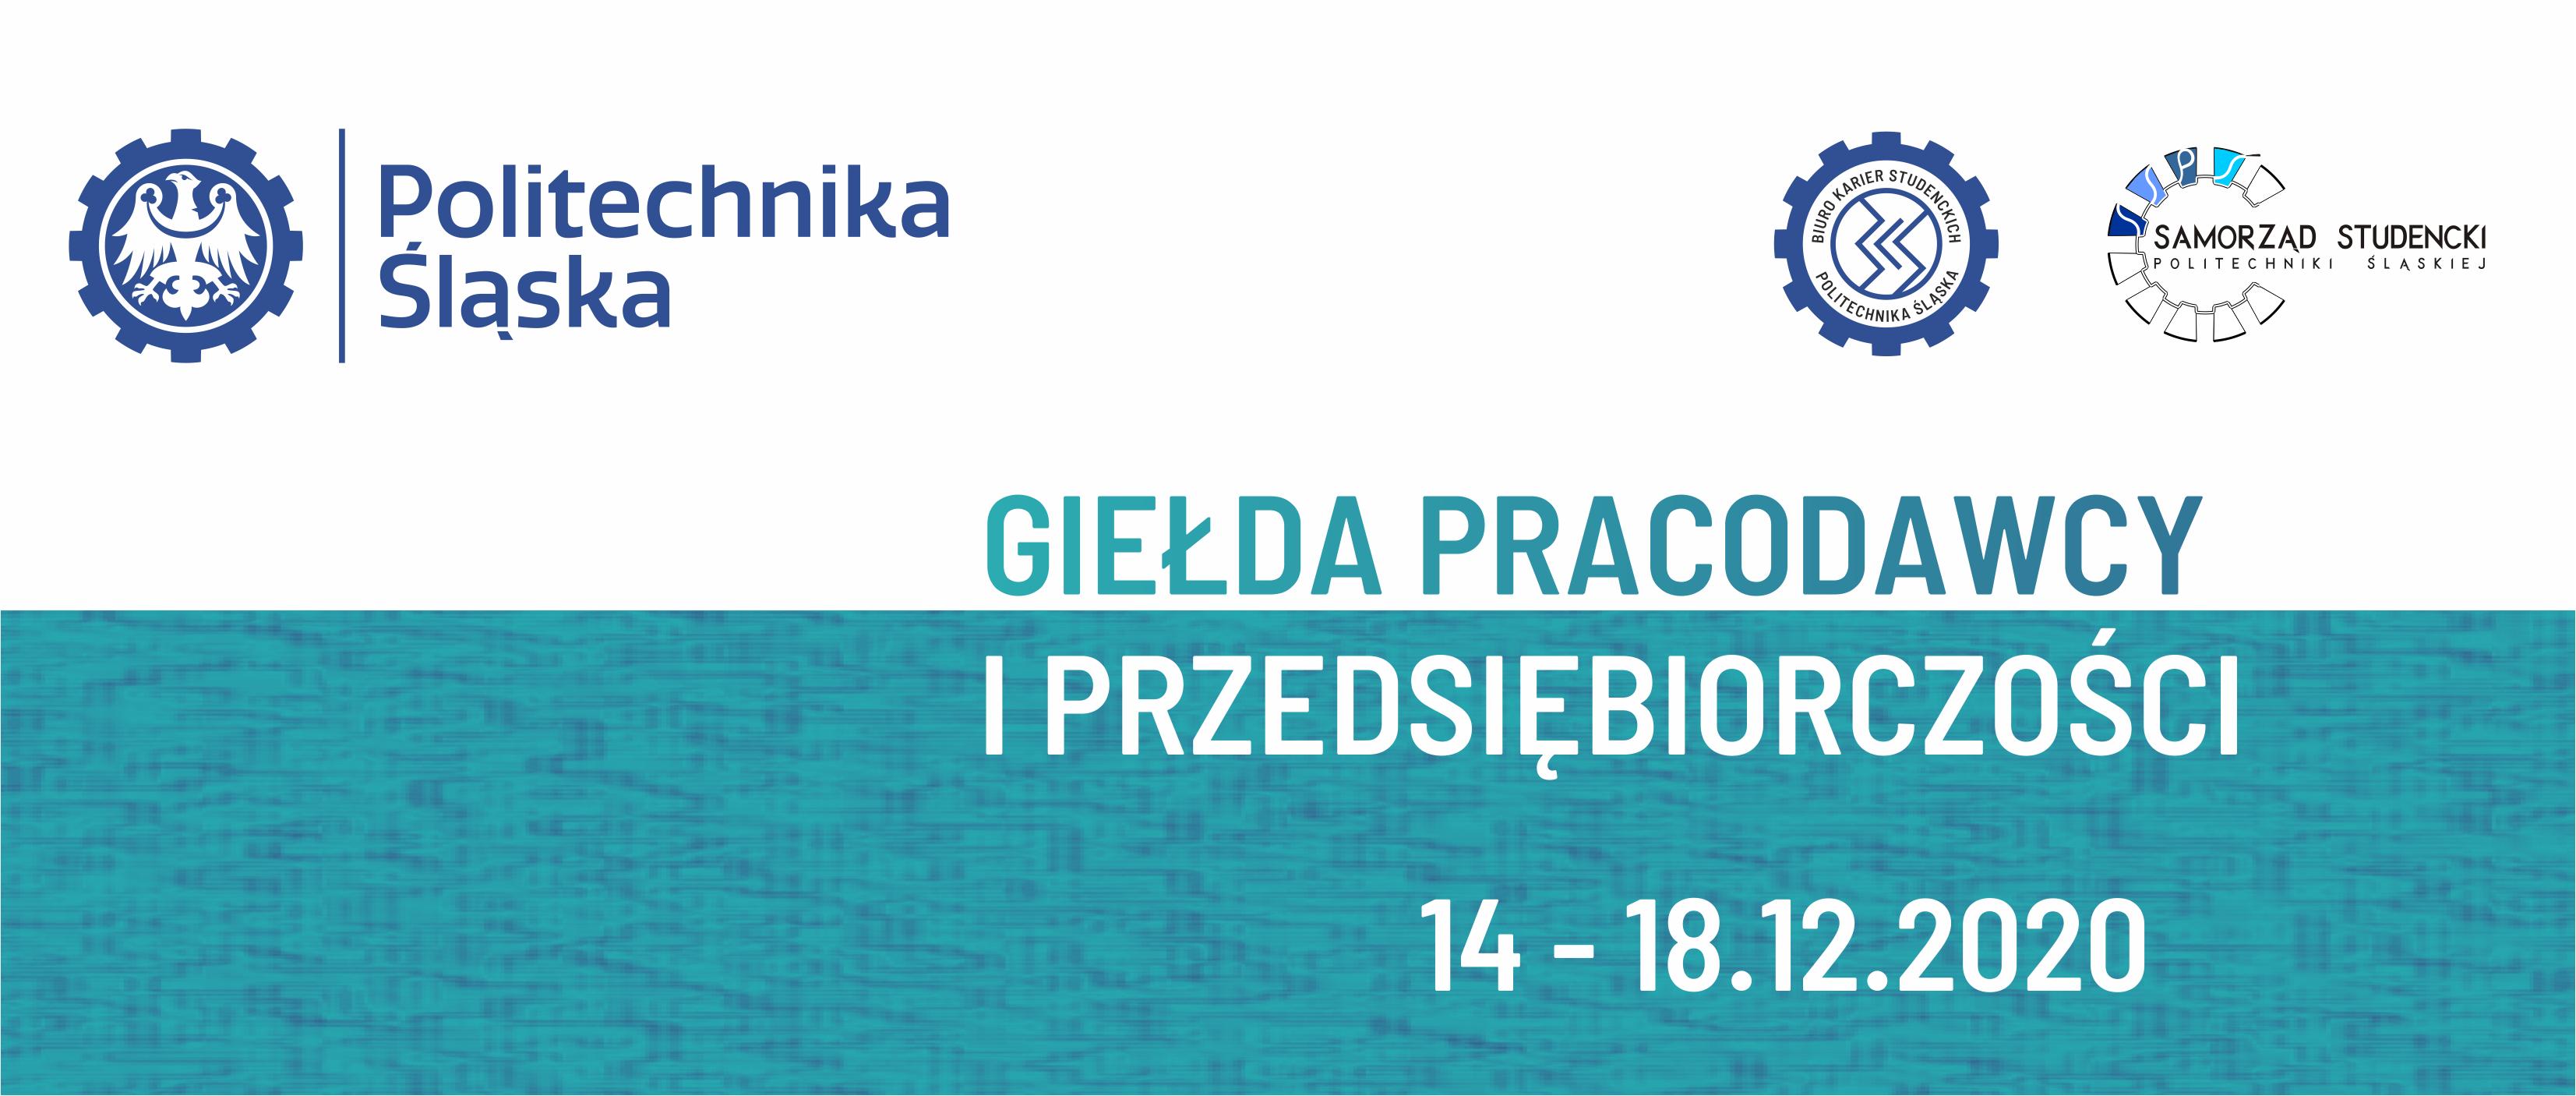 14. edycja Giełdy Pracodawcy i Przedsiębiorczości Politechniki Śląskiej już 14 – 18 grudnia